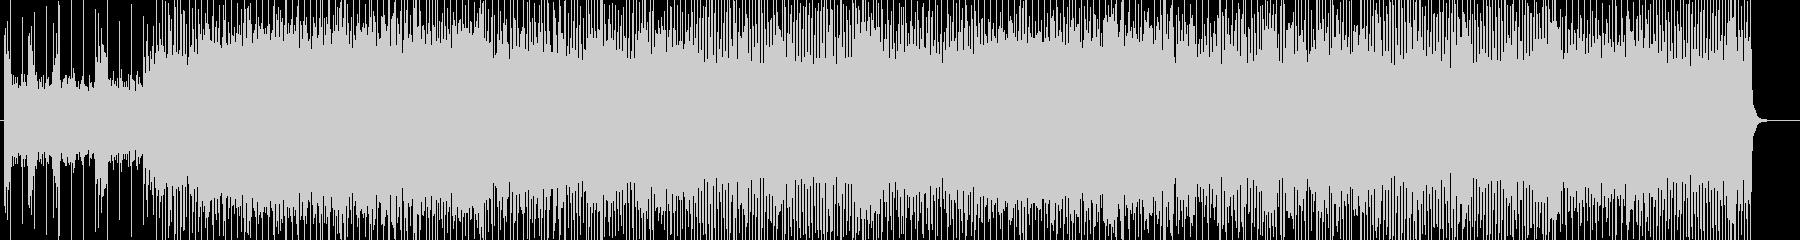 「HEAVY METAL」BGM134の未再生の波形